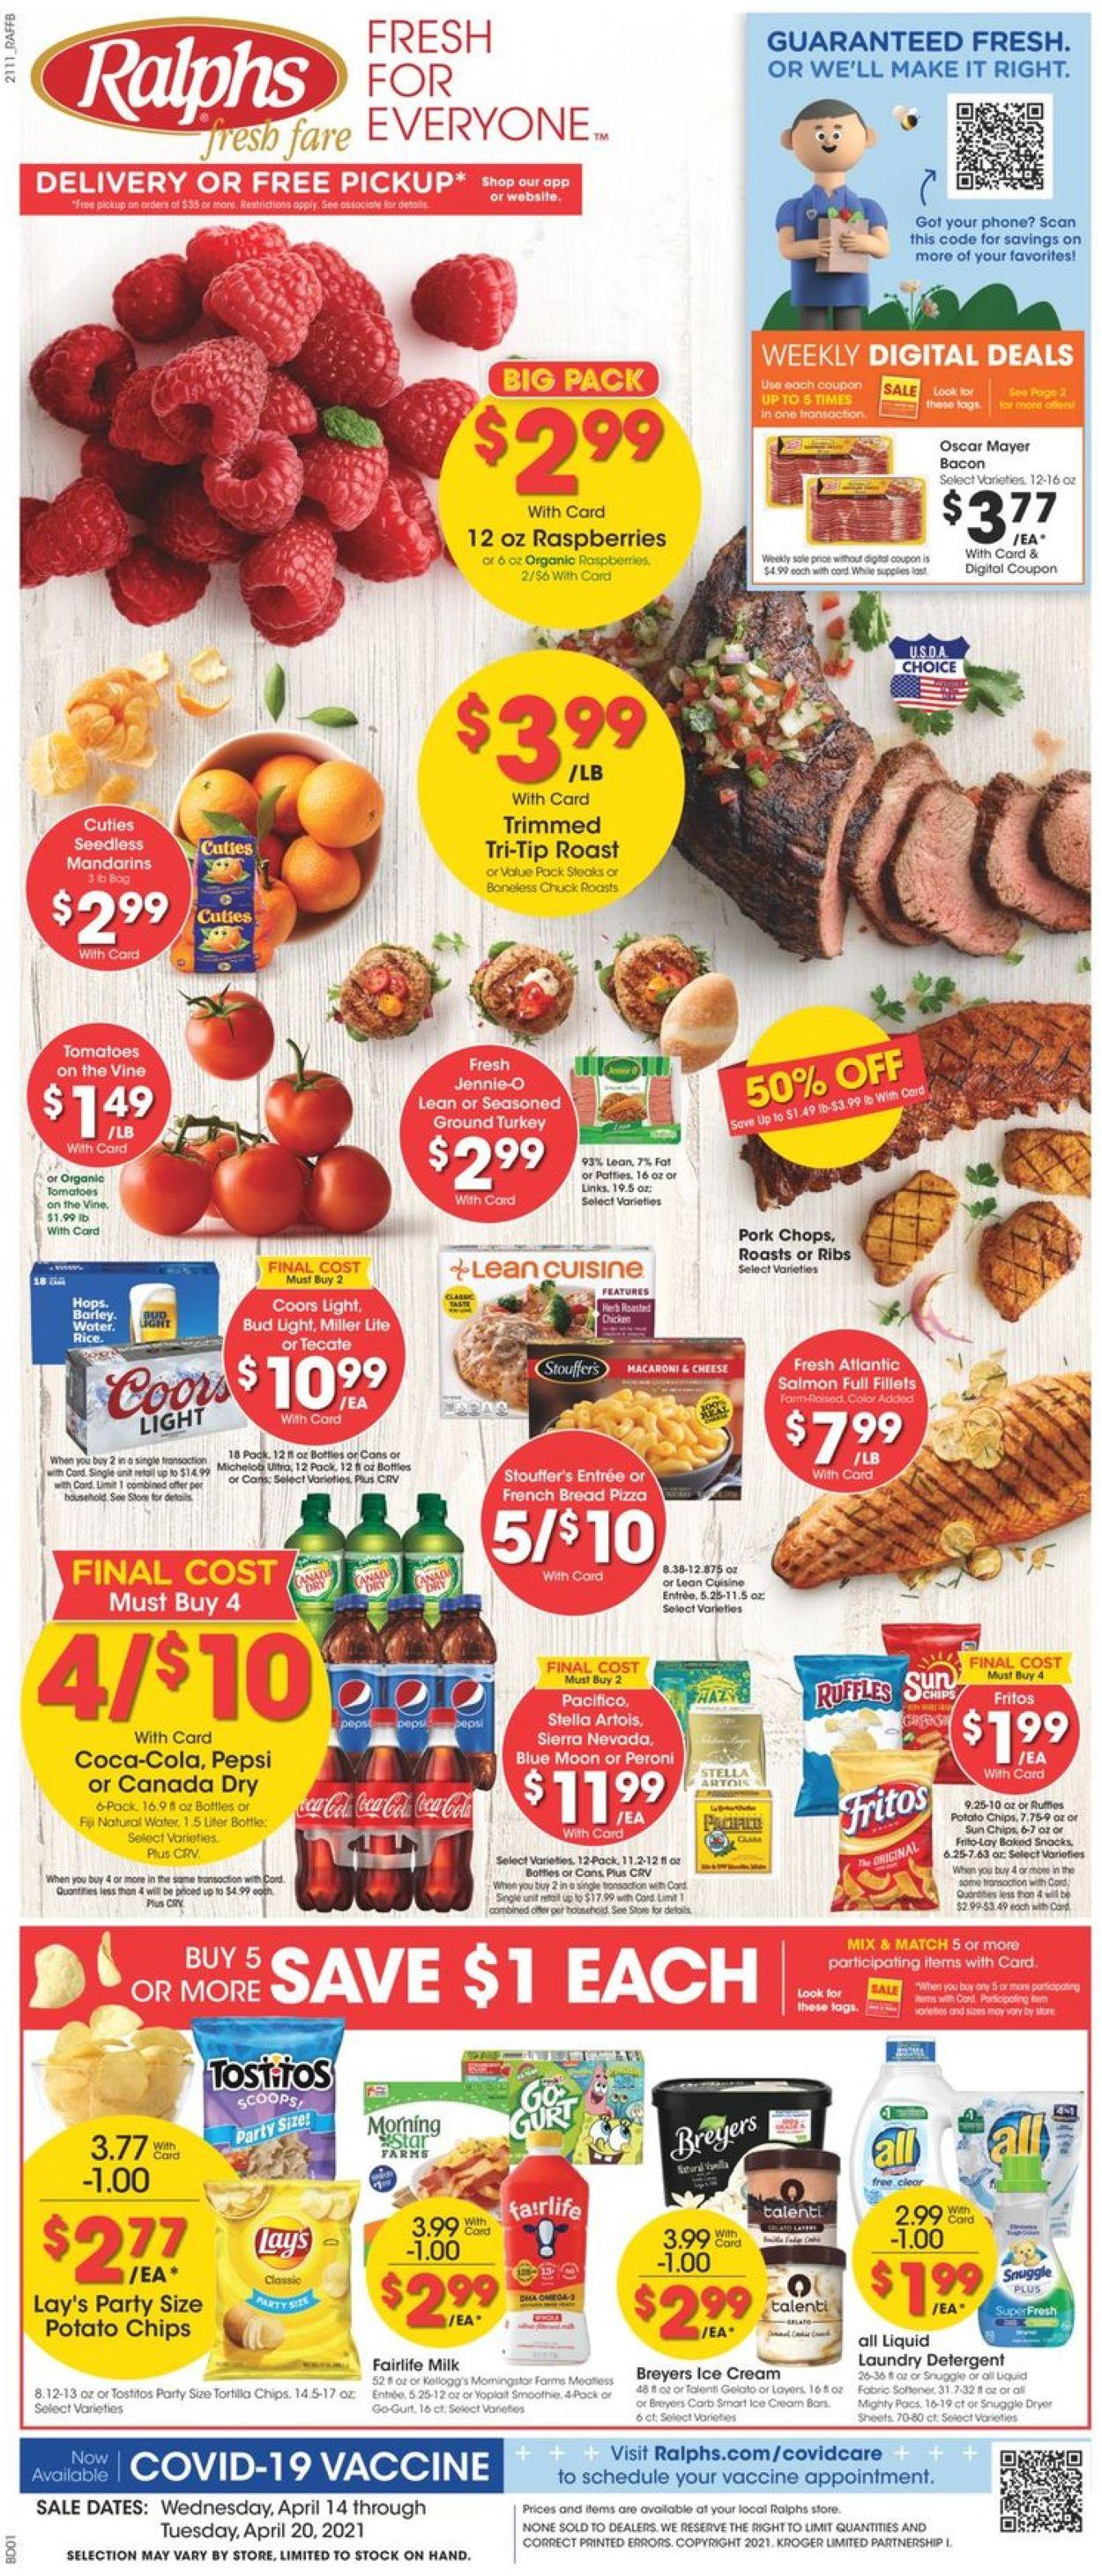 Ralphs Weekly Ad Circular - valid 04/14-04/20/2021